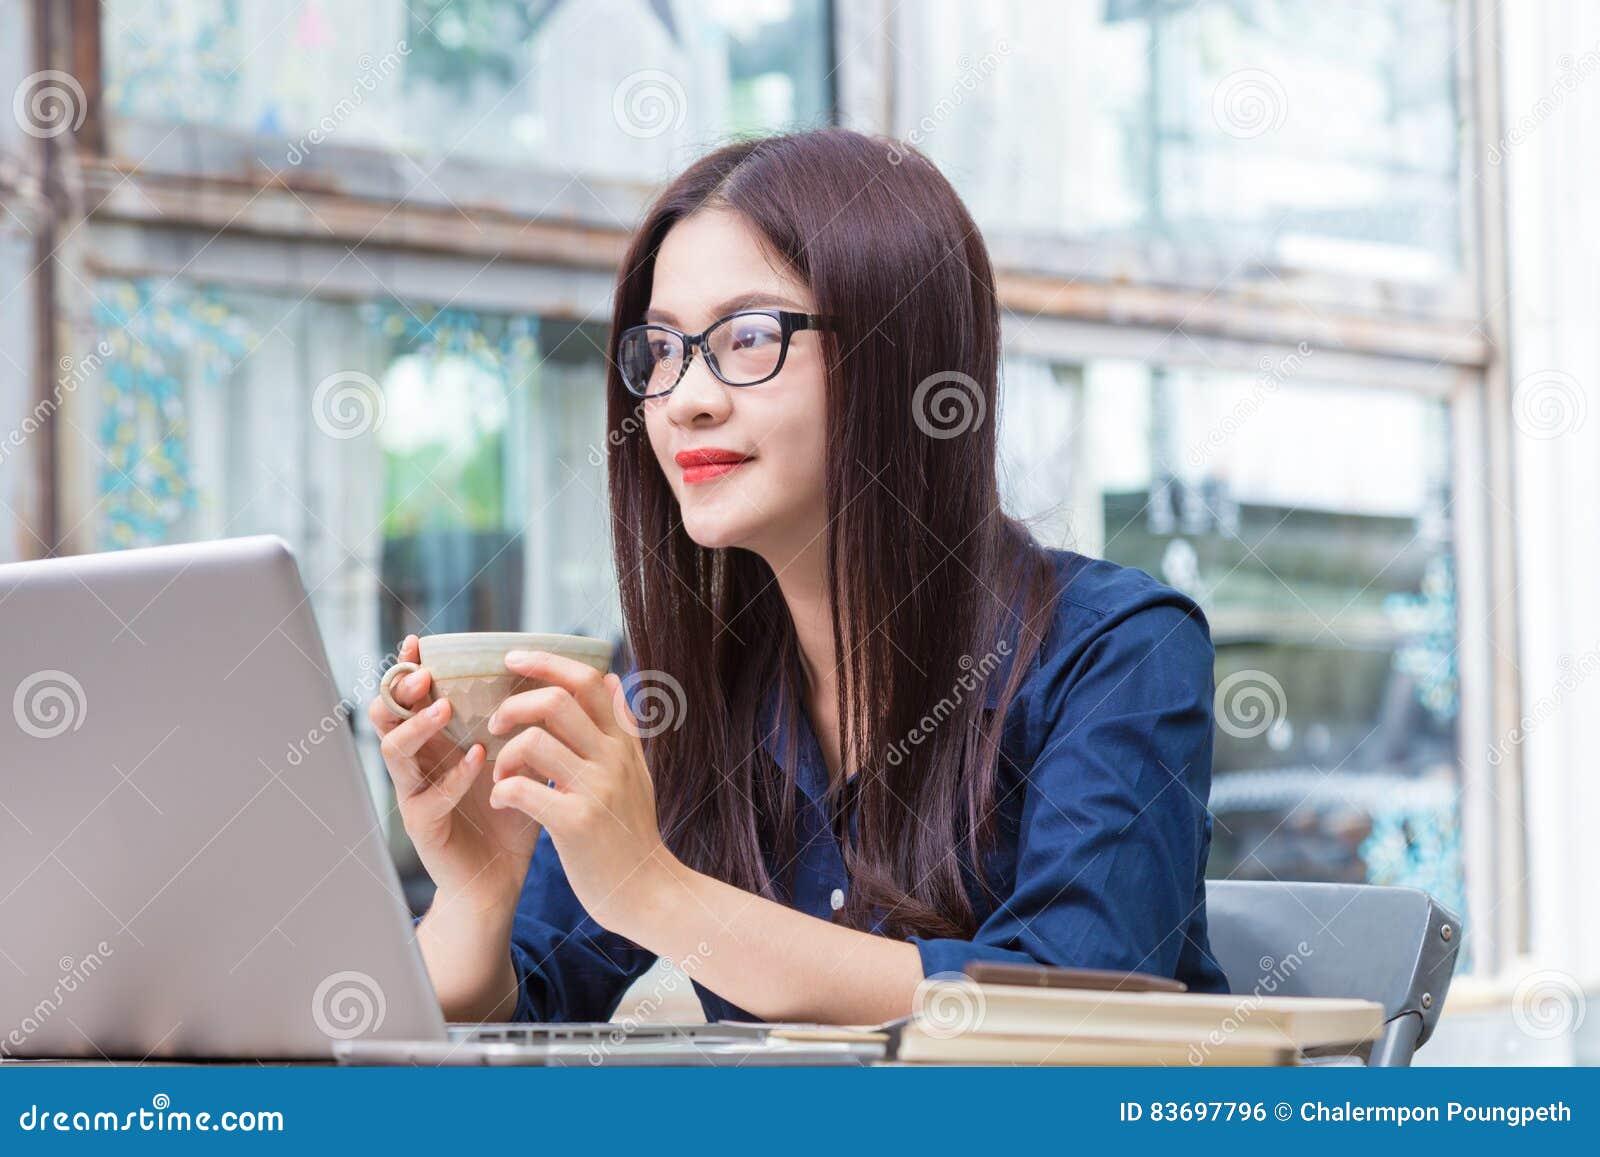 ce1c43584807 Giovane donna asiatica che tiene tazza di caffè e che prende una rottura da